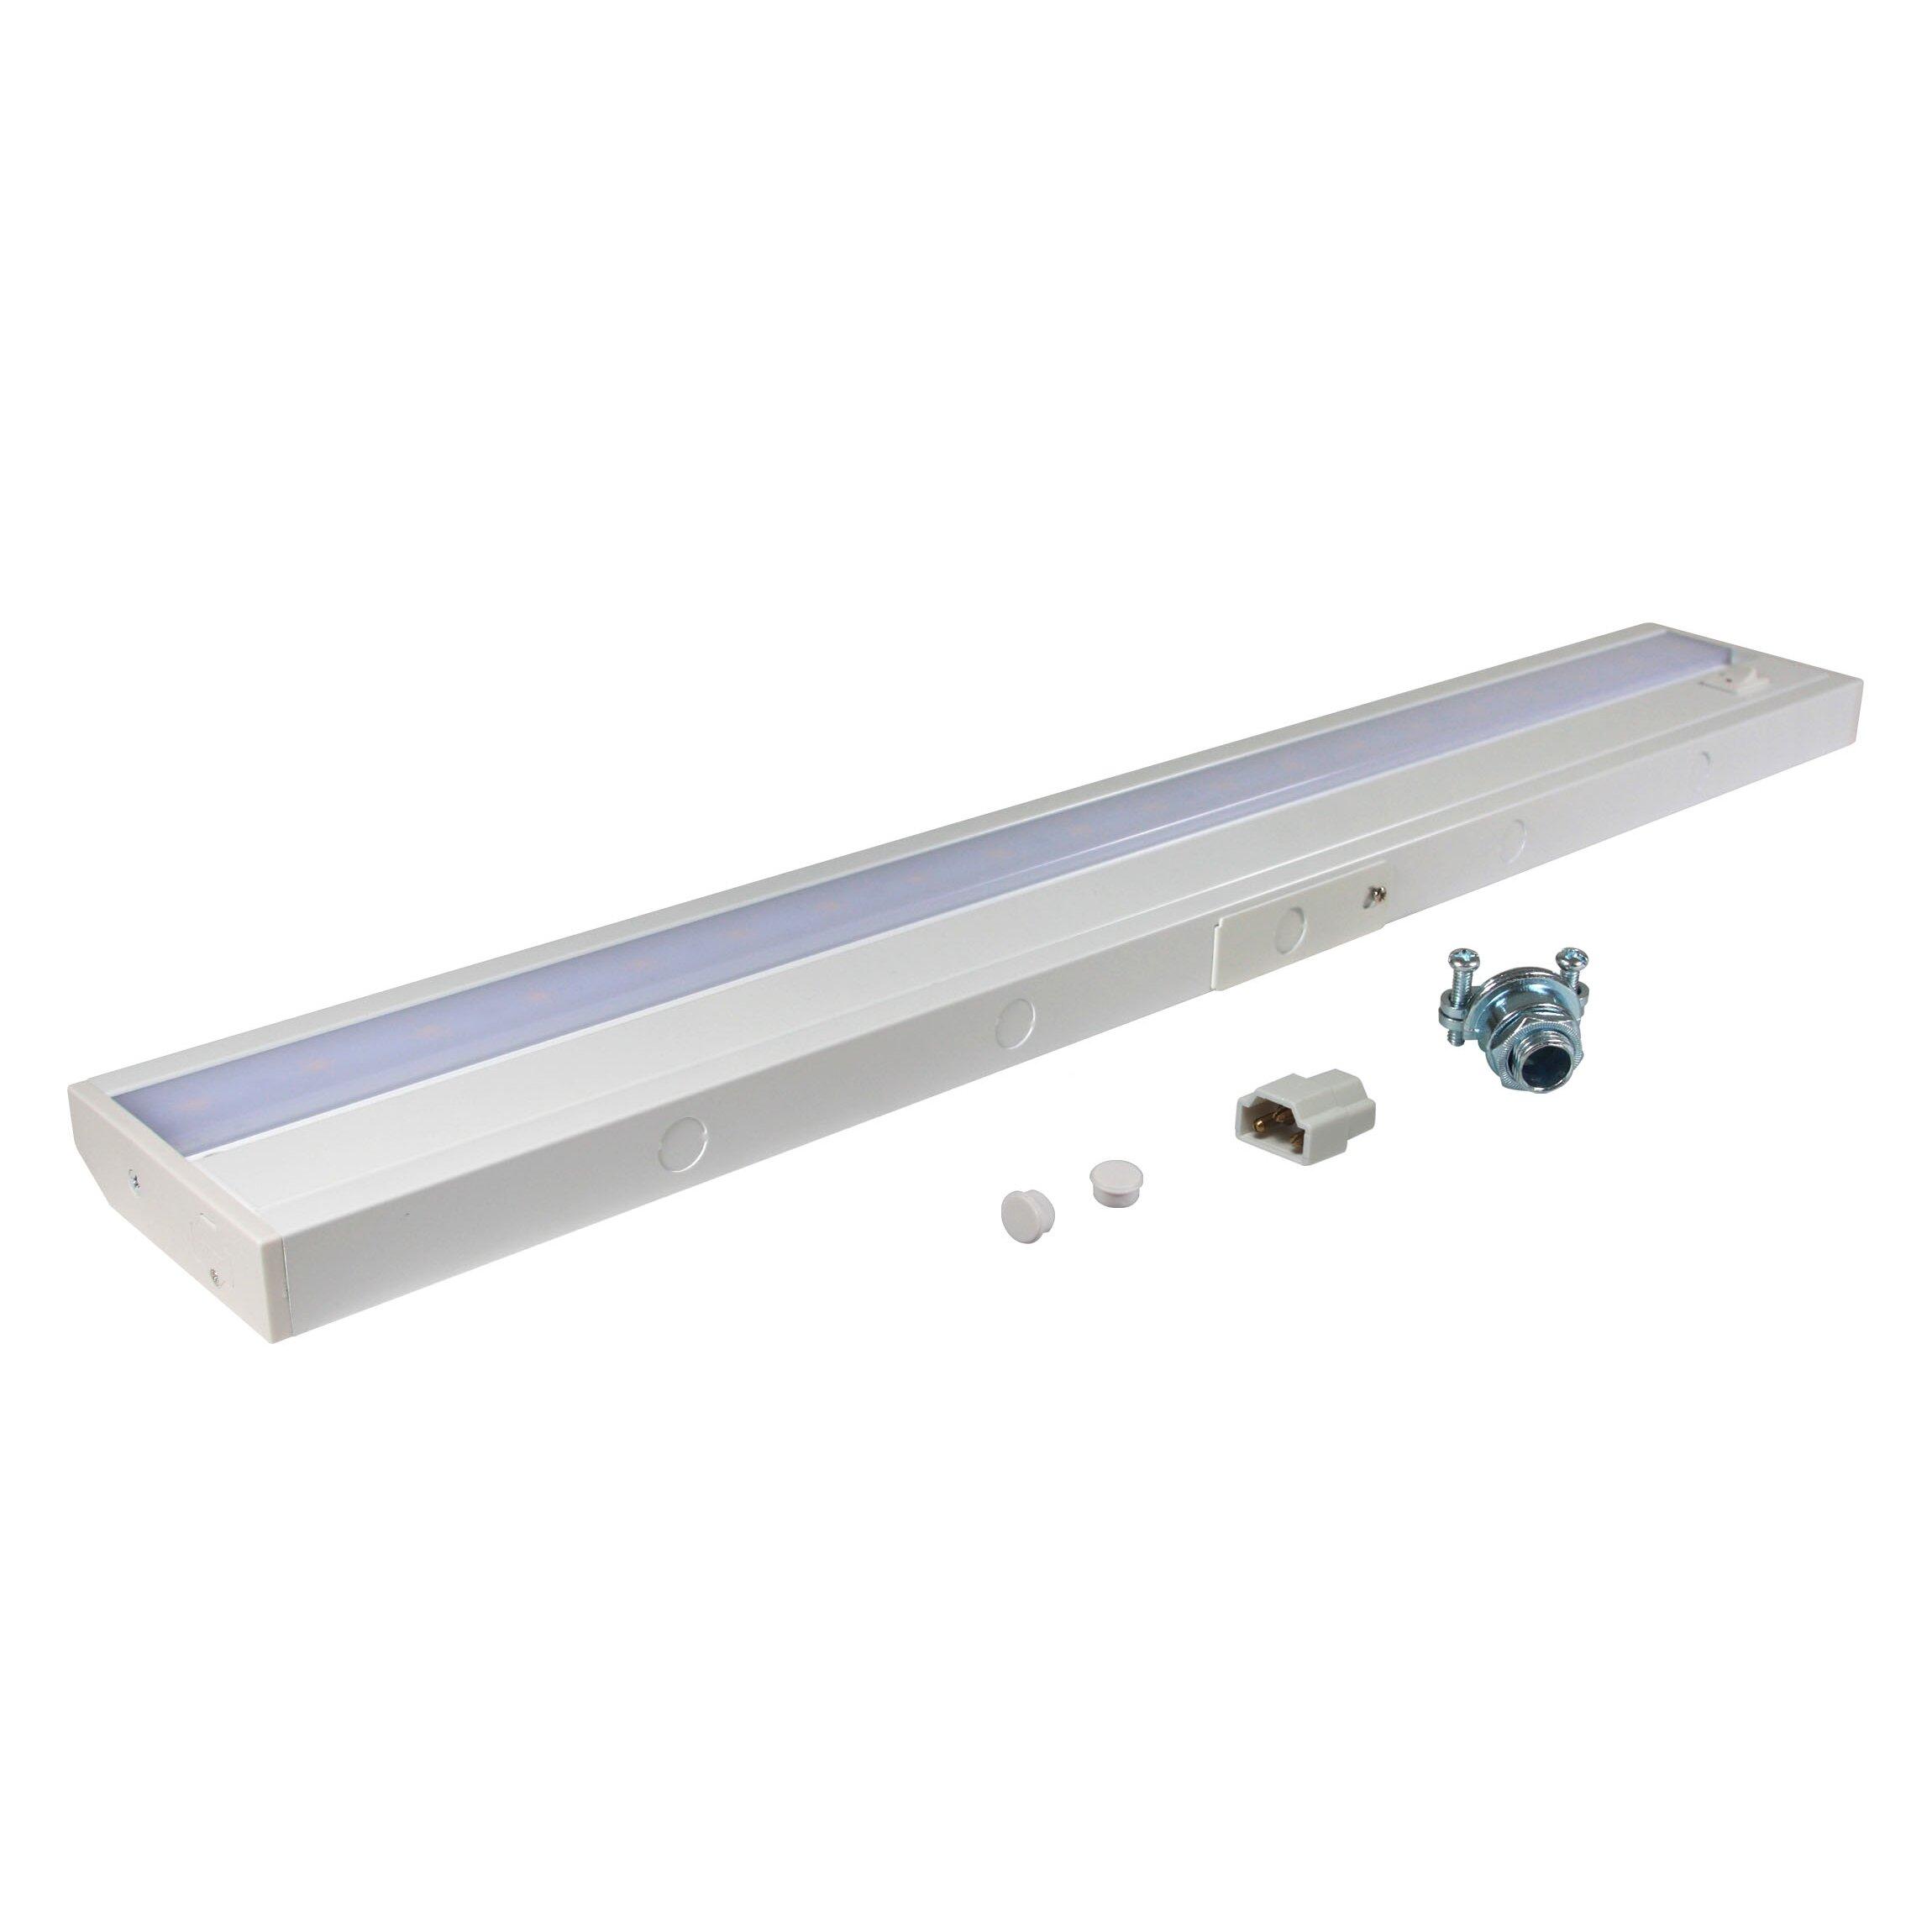 Led Ramp Under Koksskap : American Lighting LLC 2419 LED Under Cabinet Bar Light & Reviews